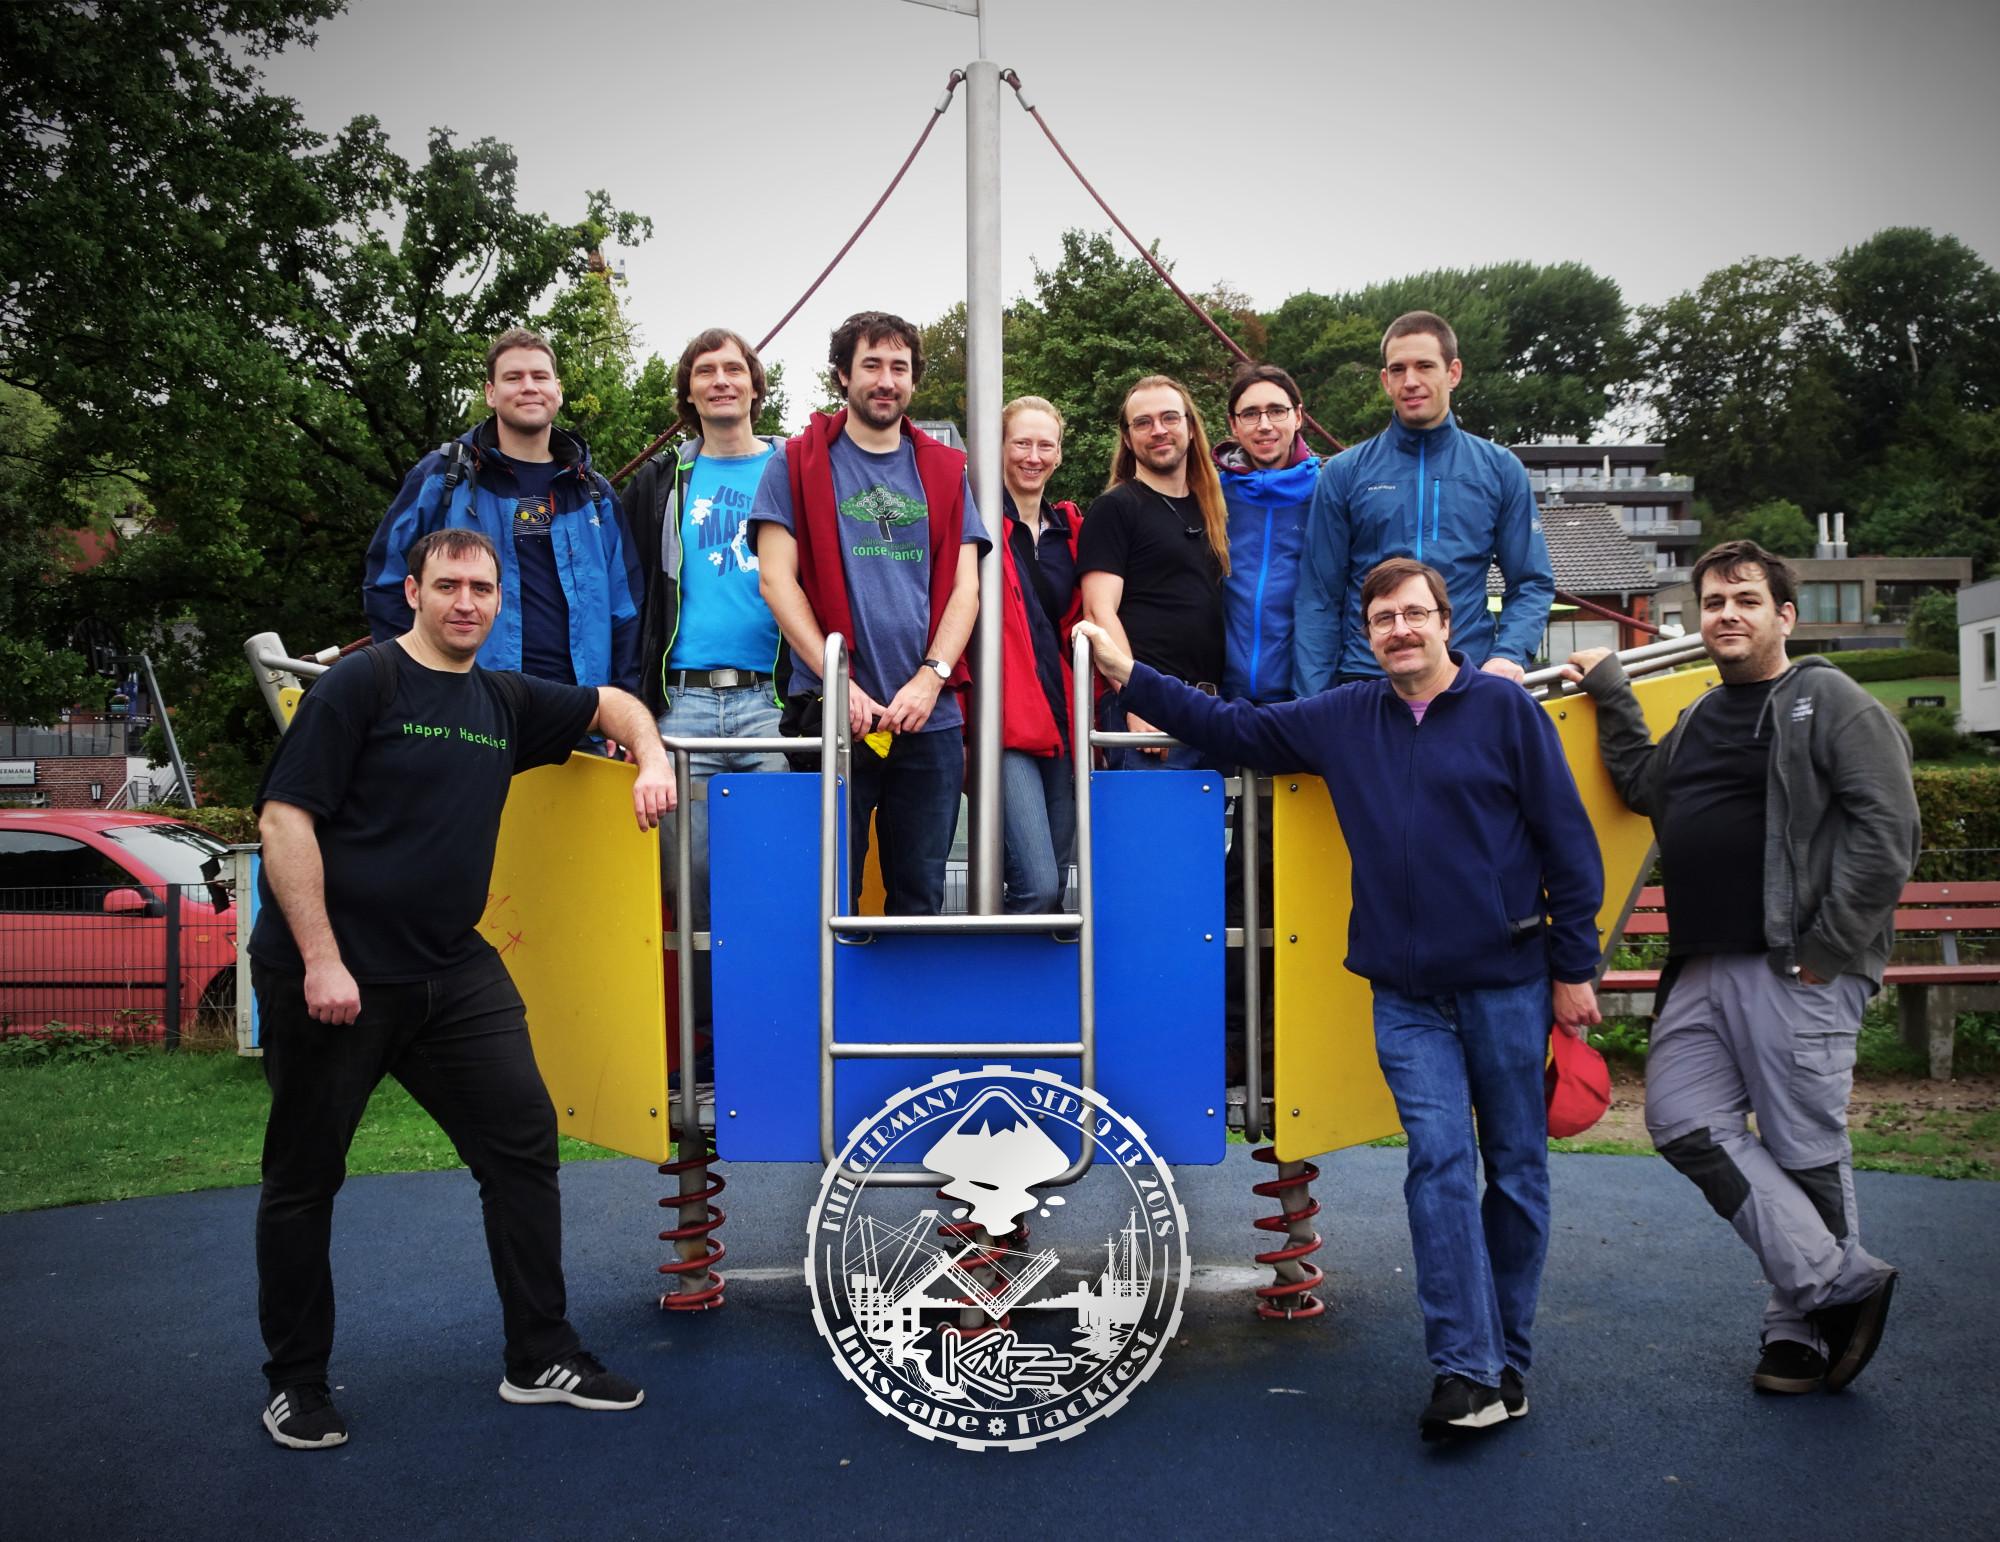 Inkscape team in Kiel